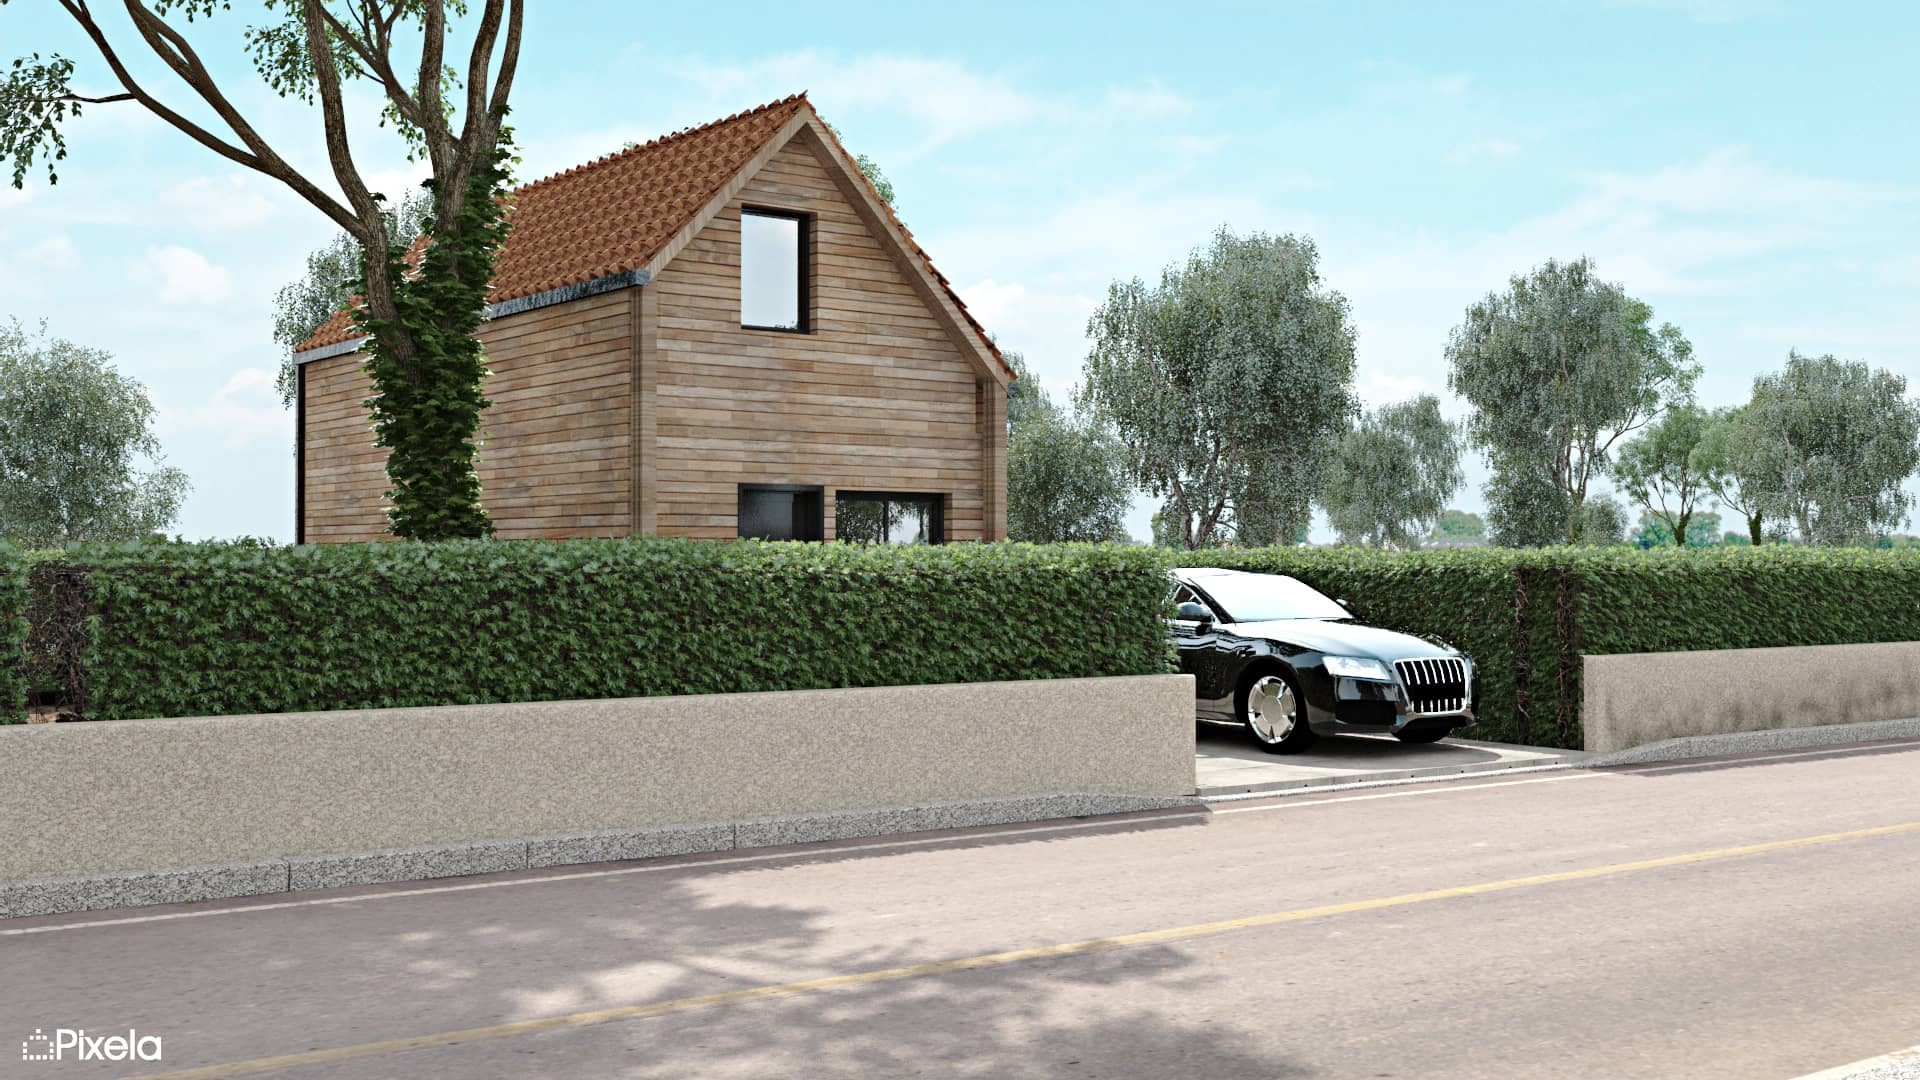 maison essai3 - Future maison individuelle à Clisson dès avril 2017